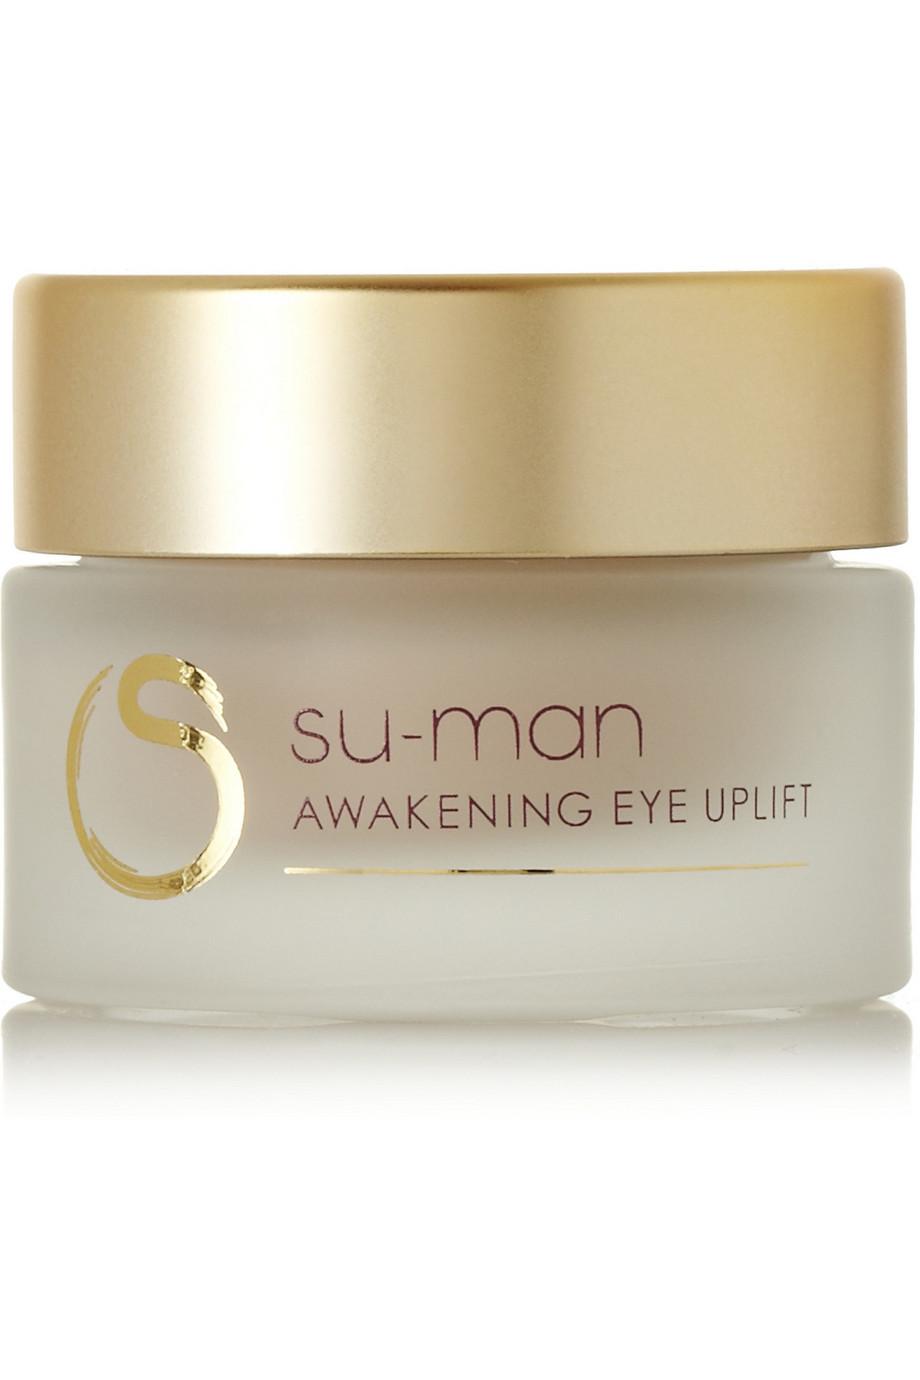 Awakening Eye Uplift, 15ml, by Su-Man Skincare